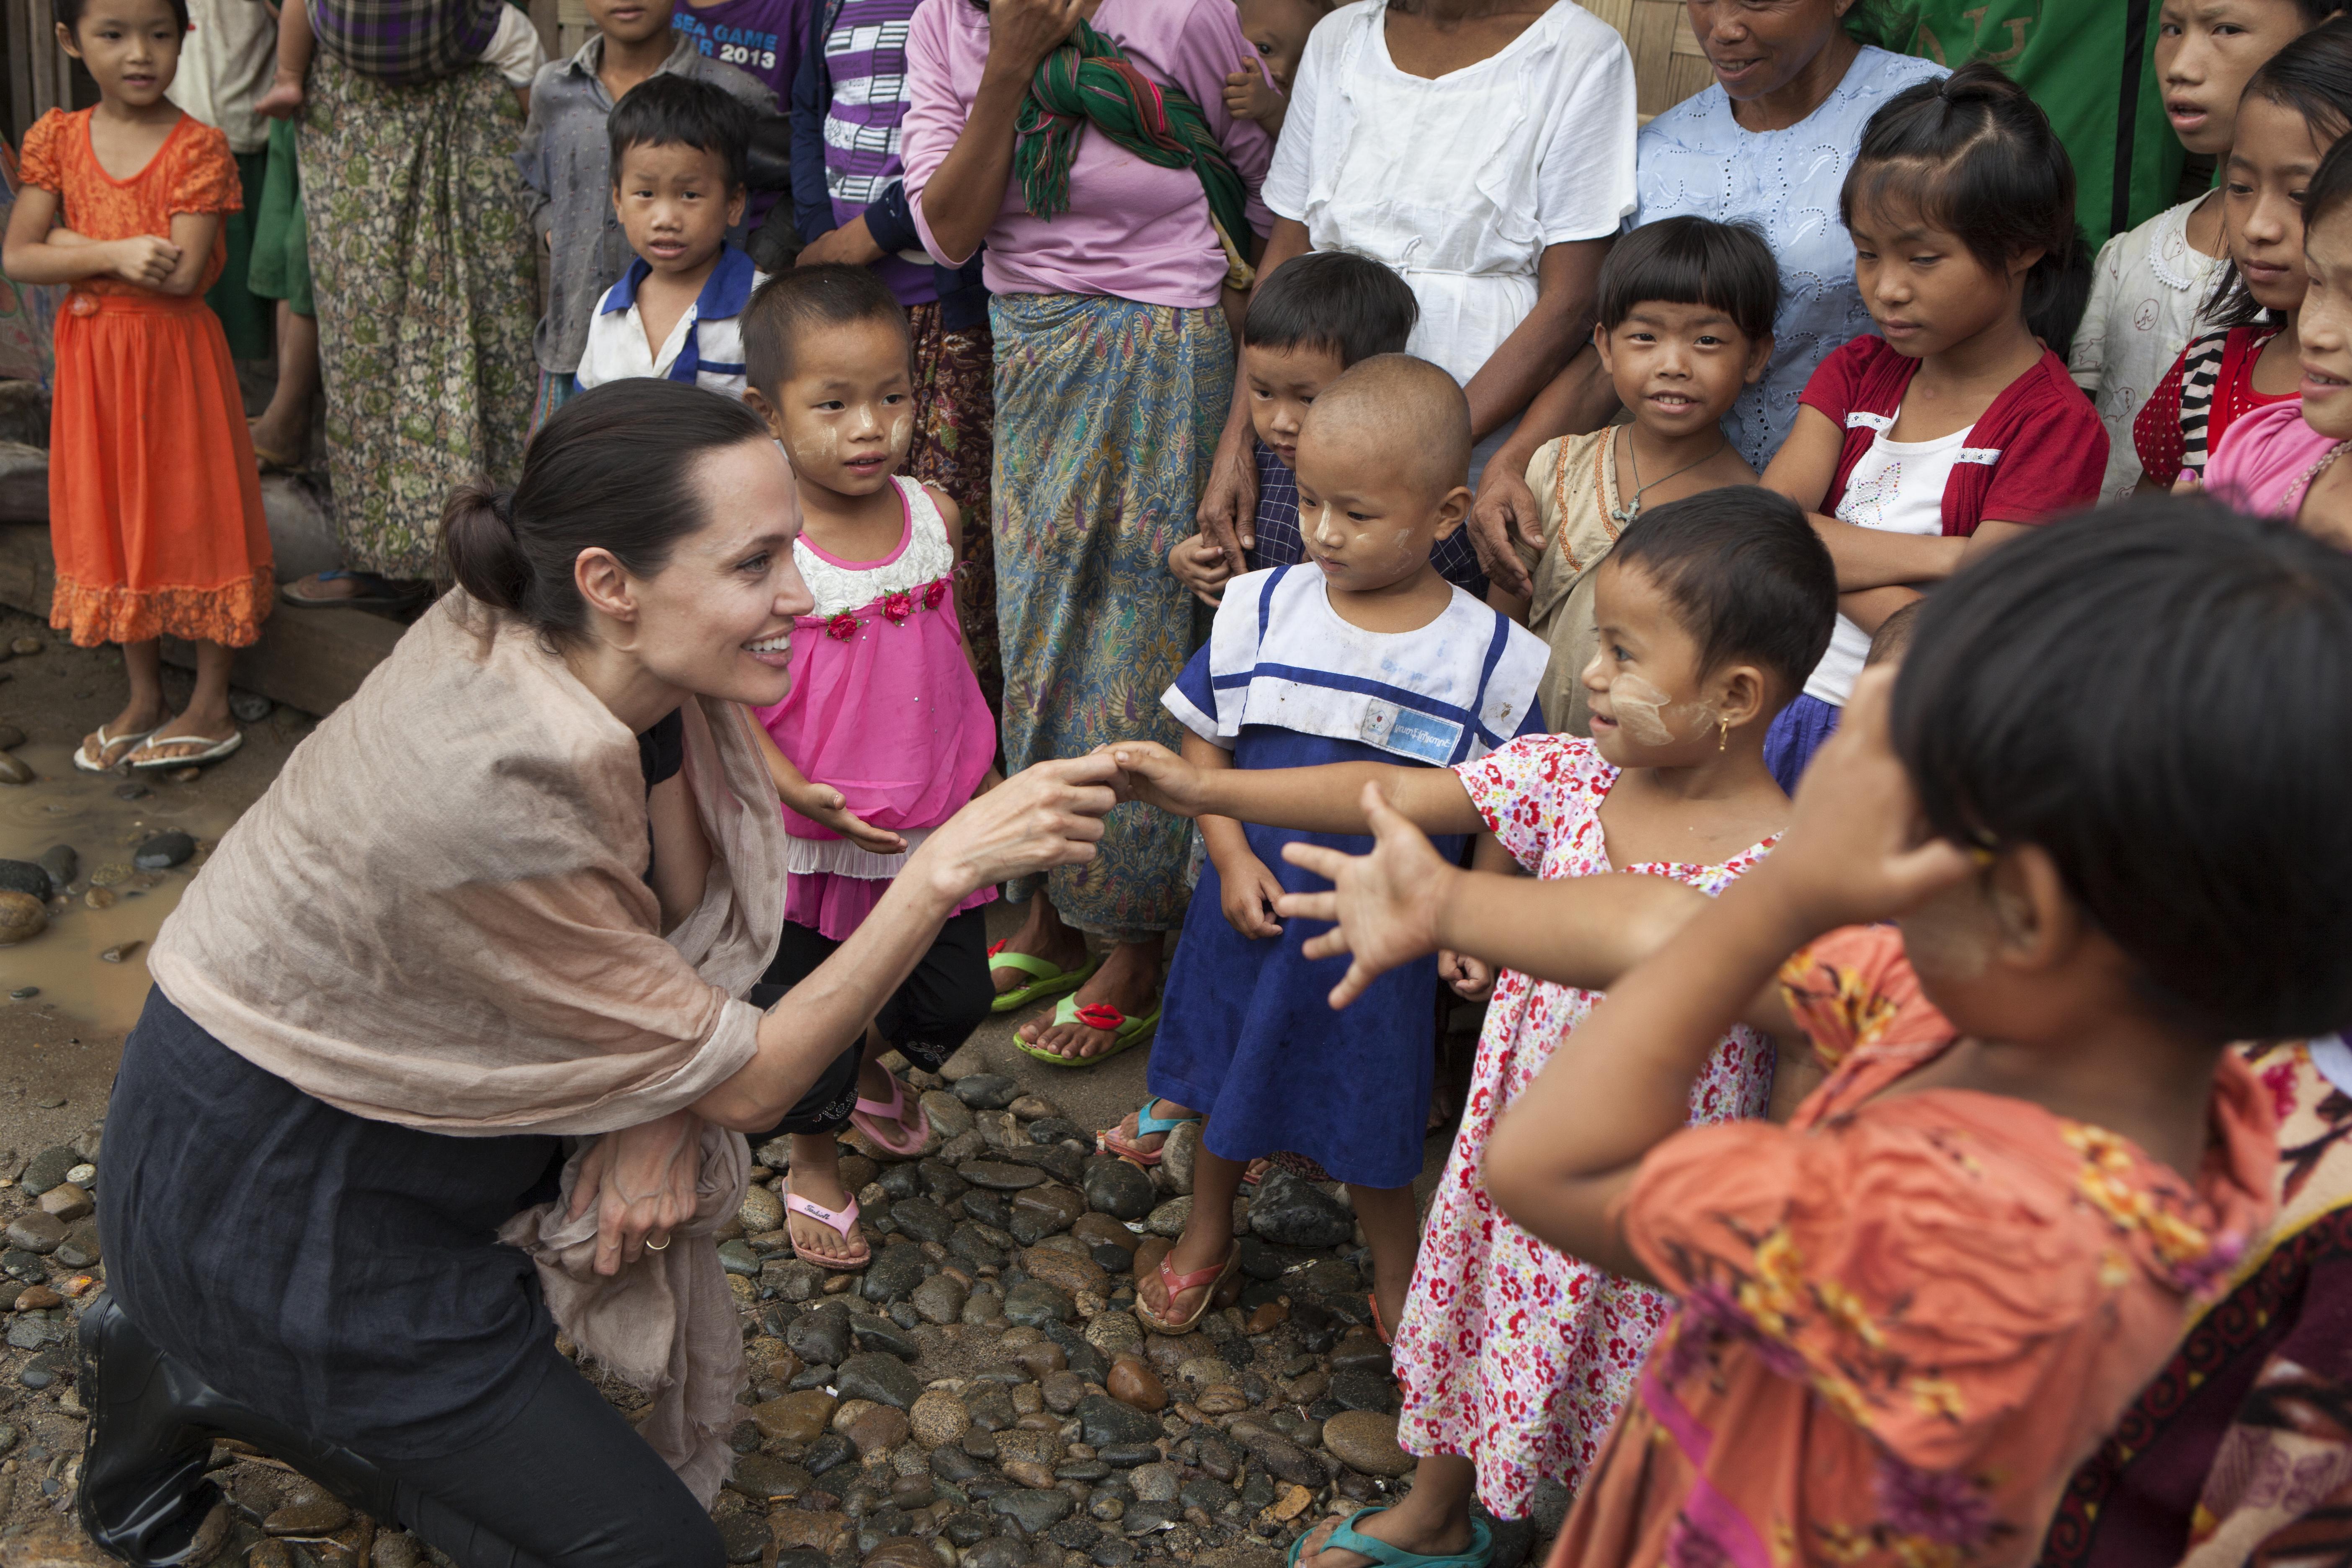 Анджелина Джоли много лет является послом доброй воли ООН